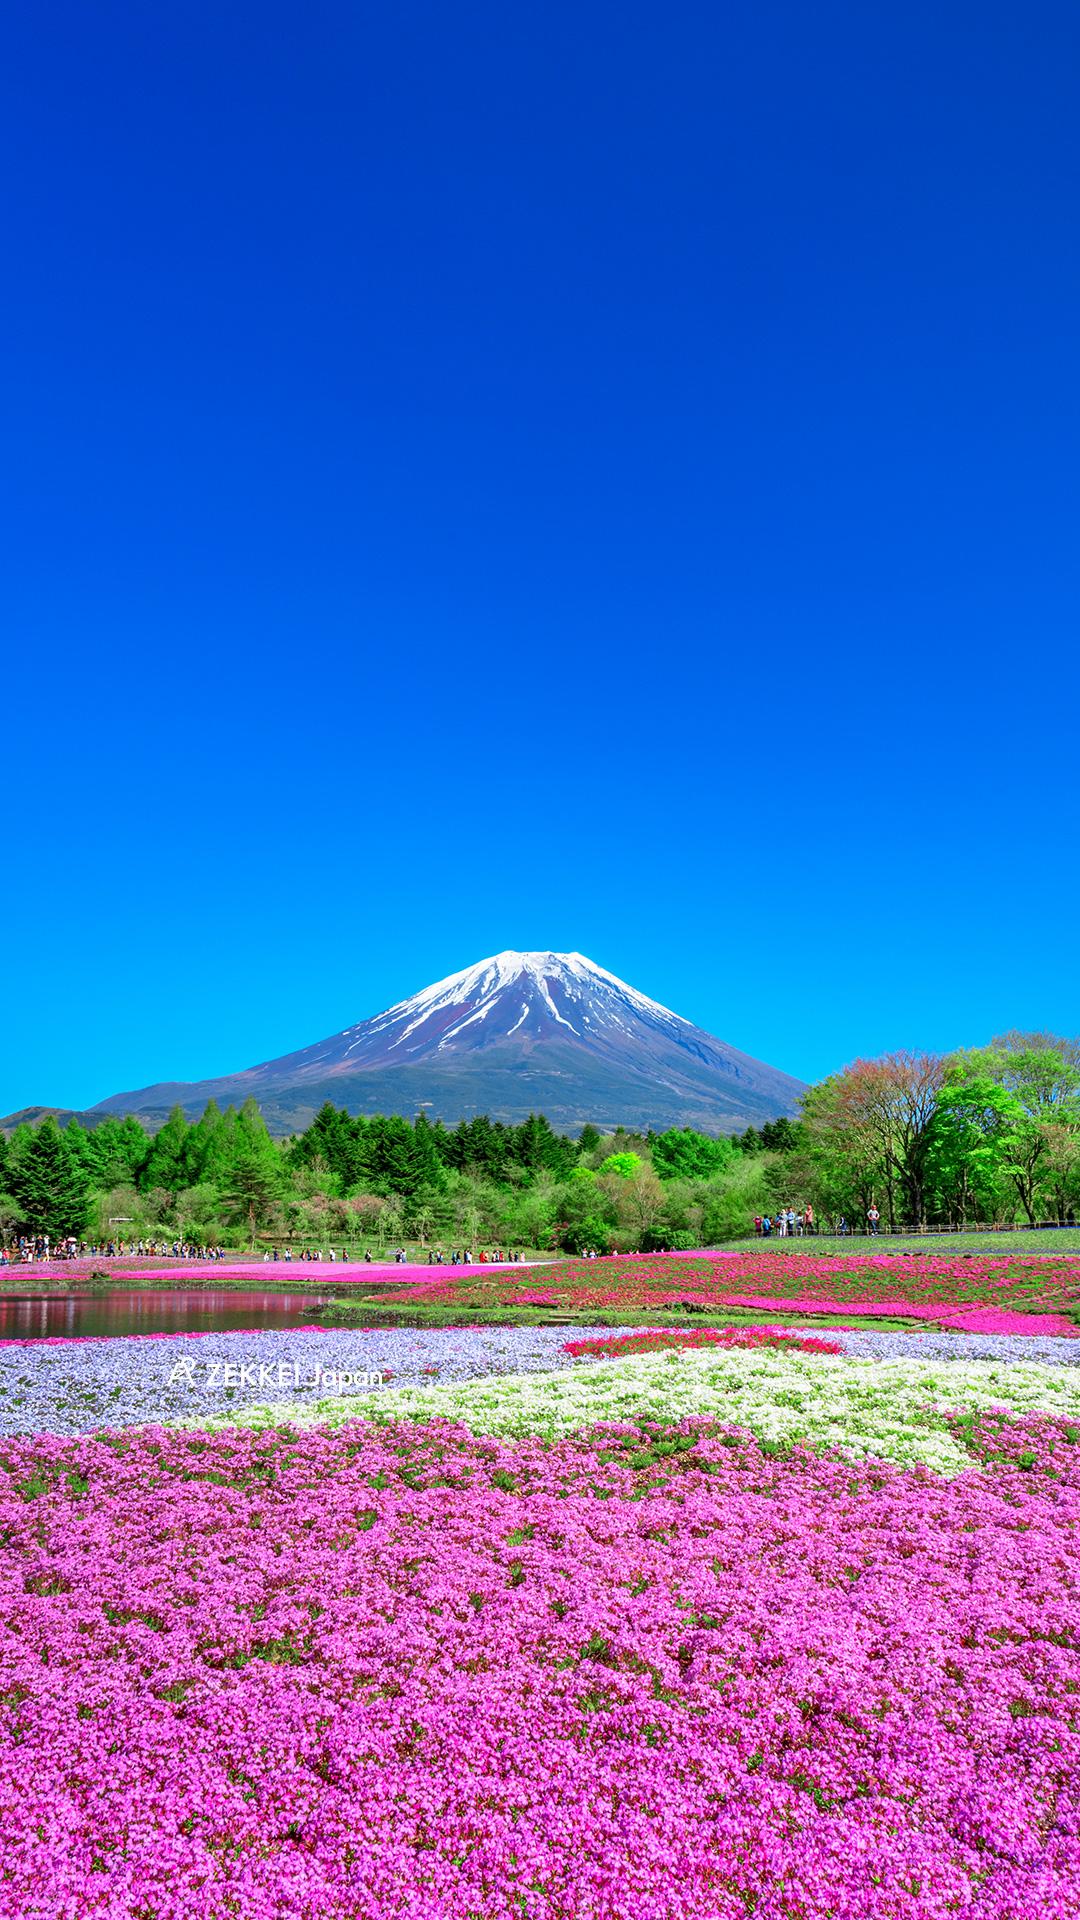 絶景壁紙 メルヘンチックな芝桜の壁紙をあなたの待ち受けに Zekkei Japan